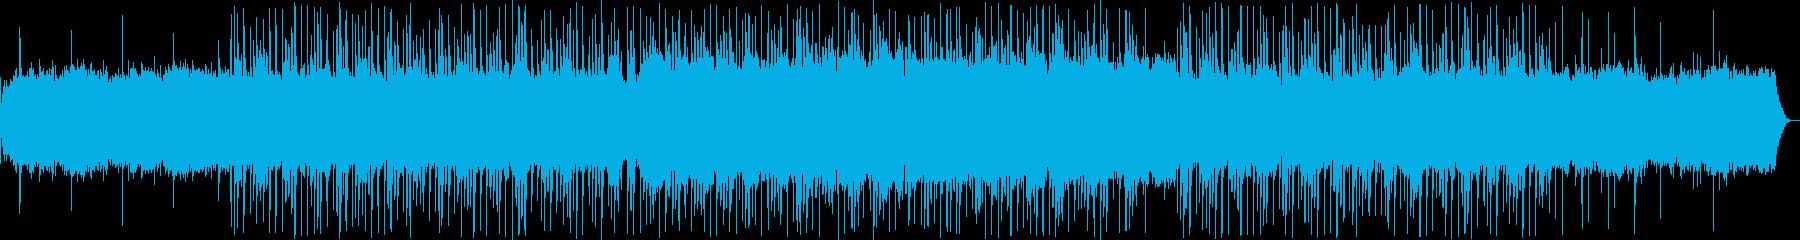 ゆったりとしたシンセ・ピアノサウンドの再生済みの波形